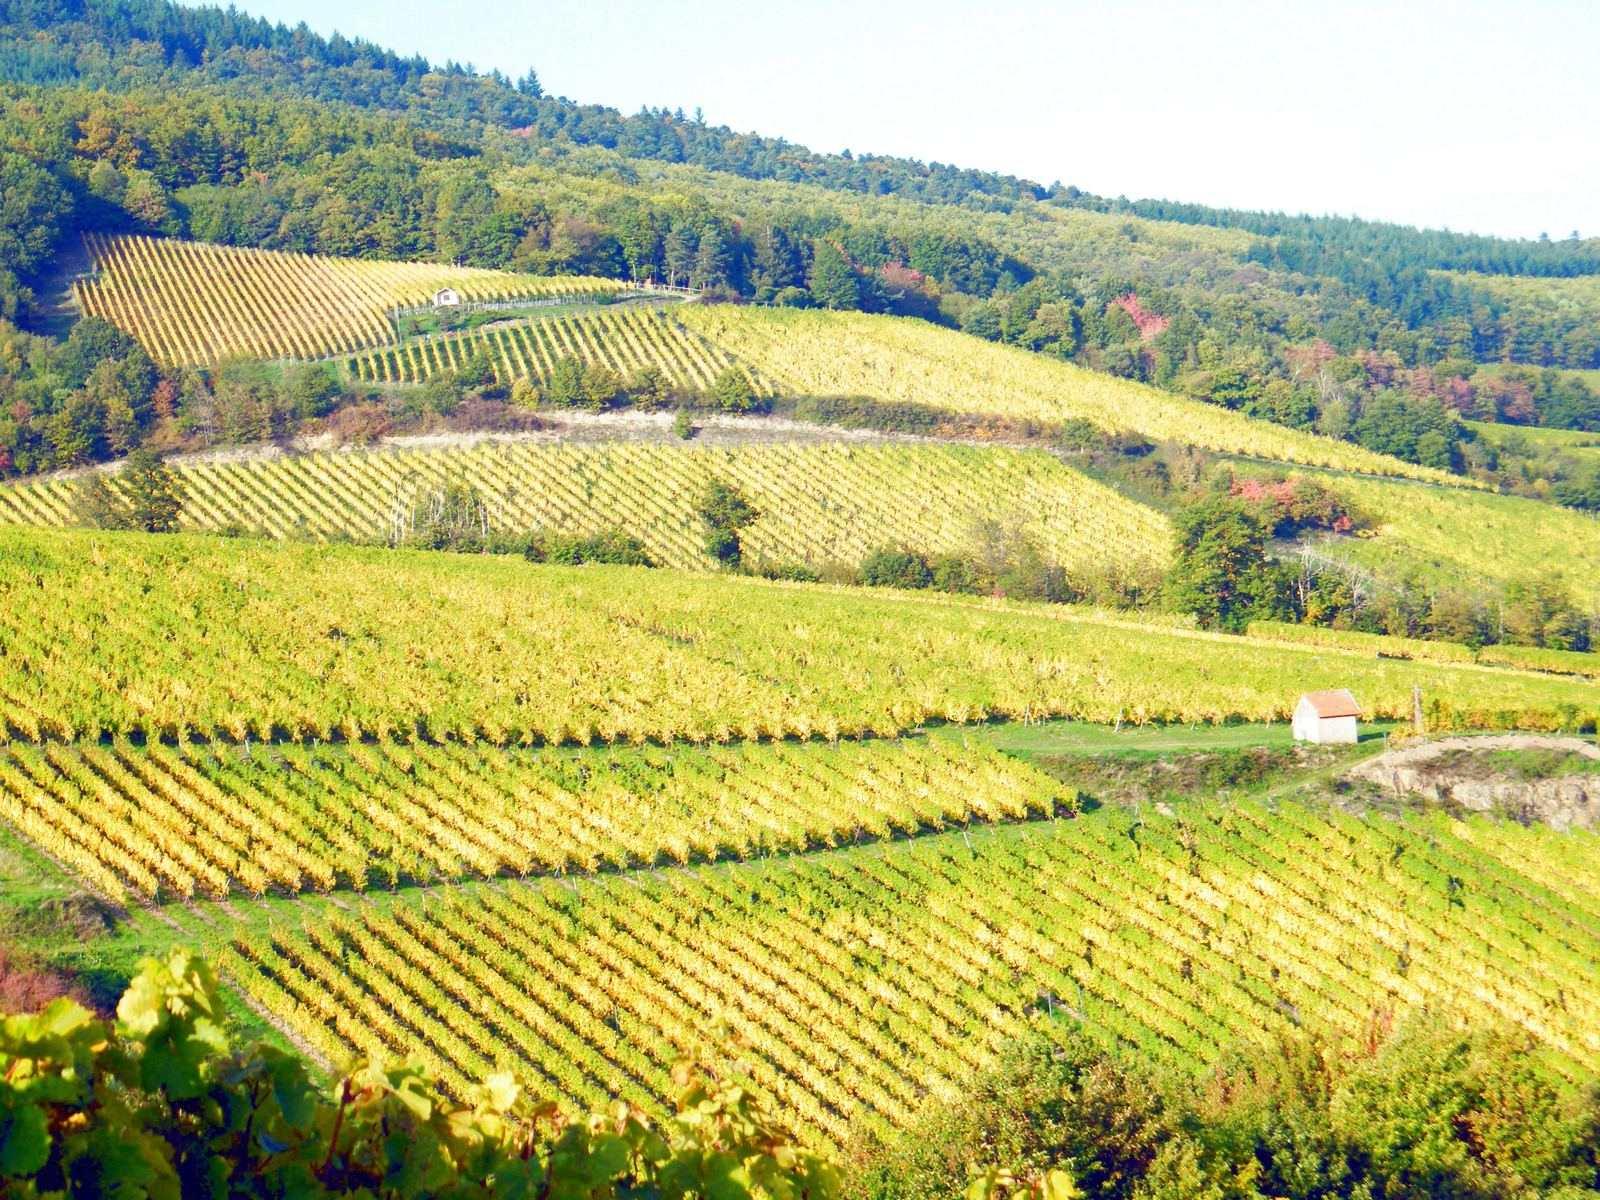 La route des vins en pente douce